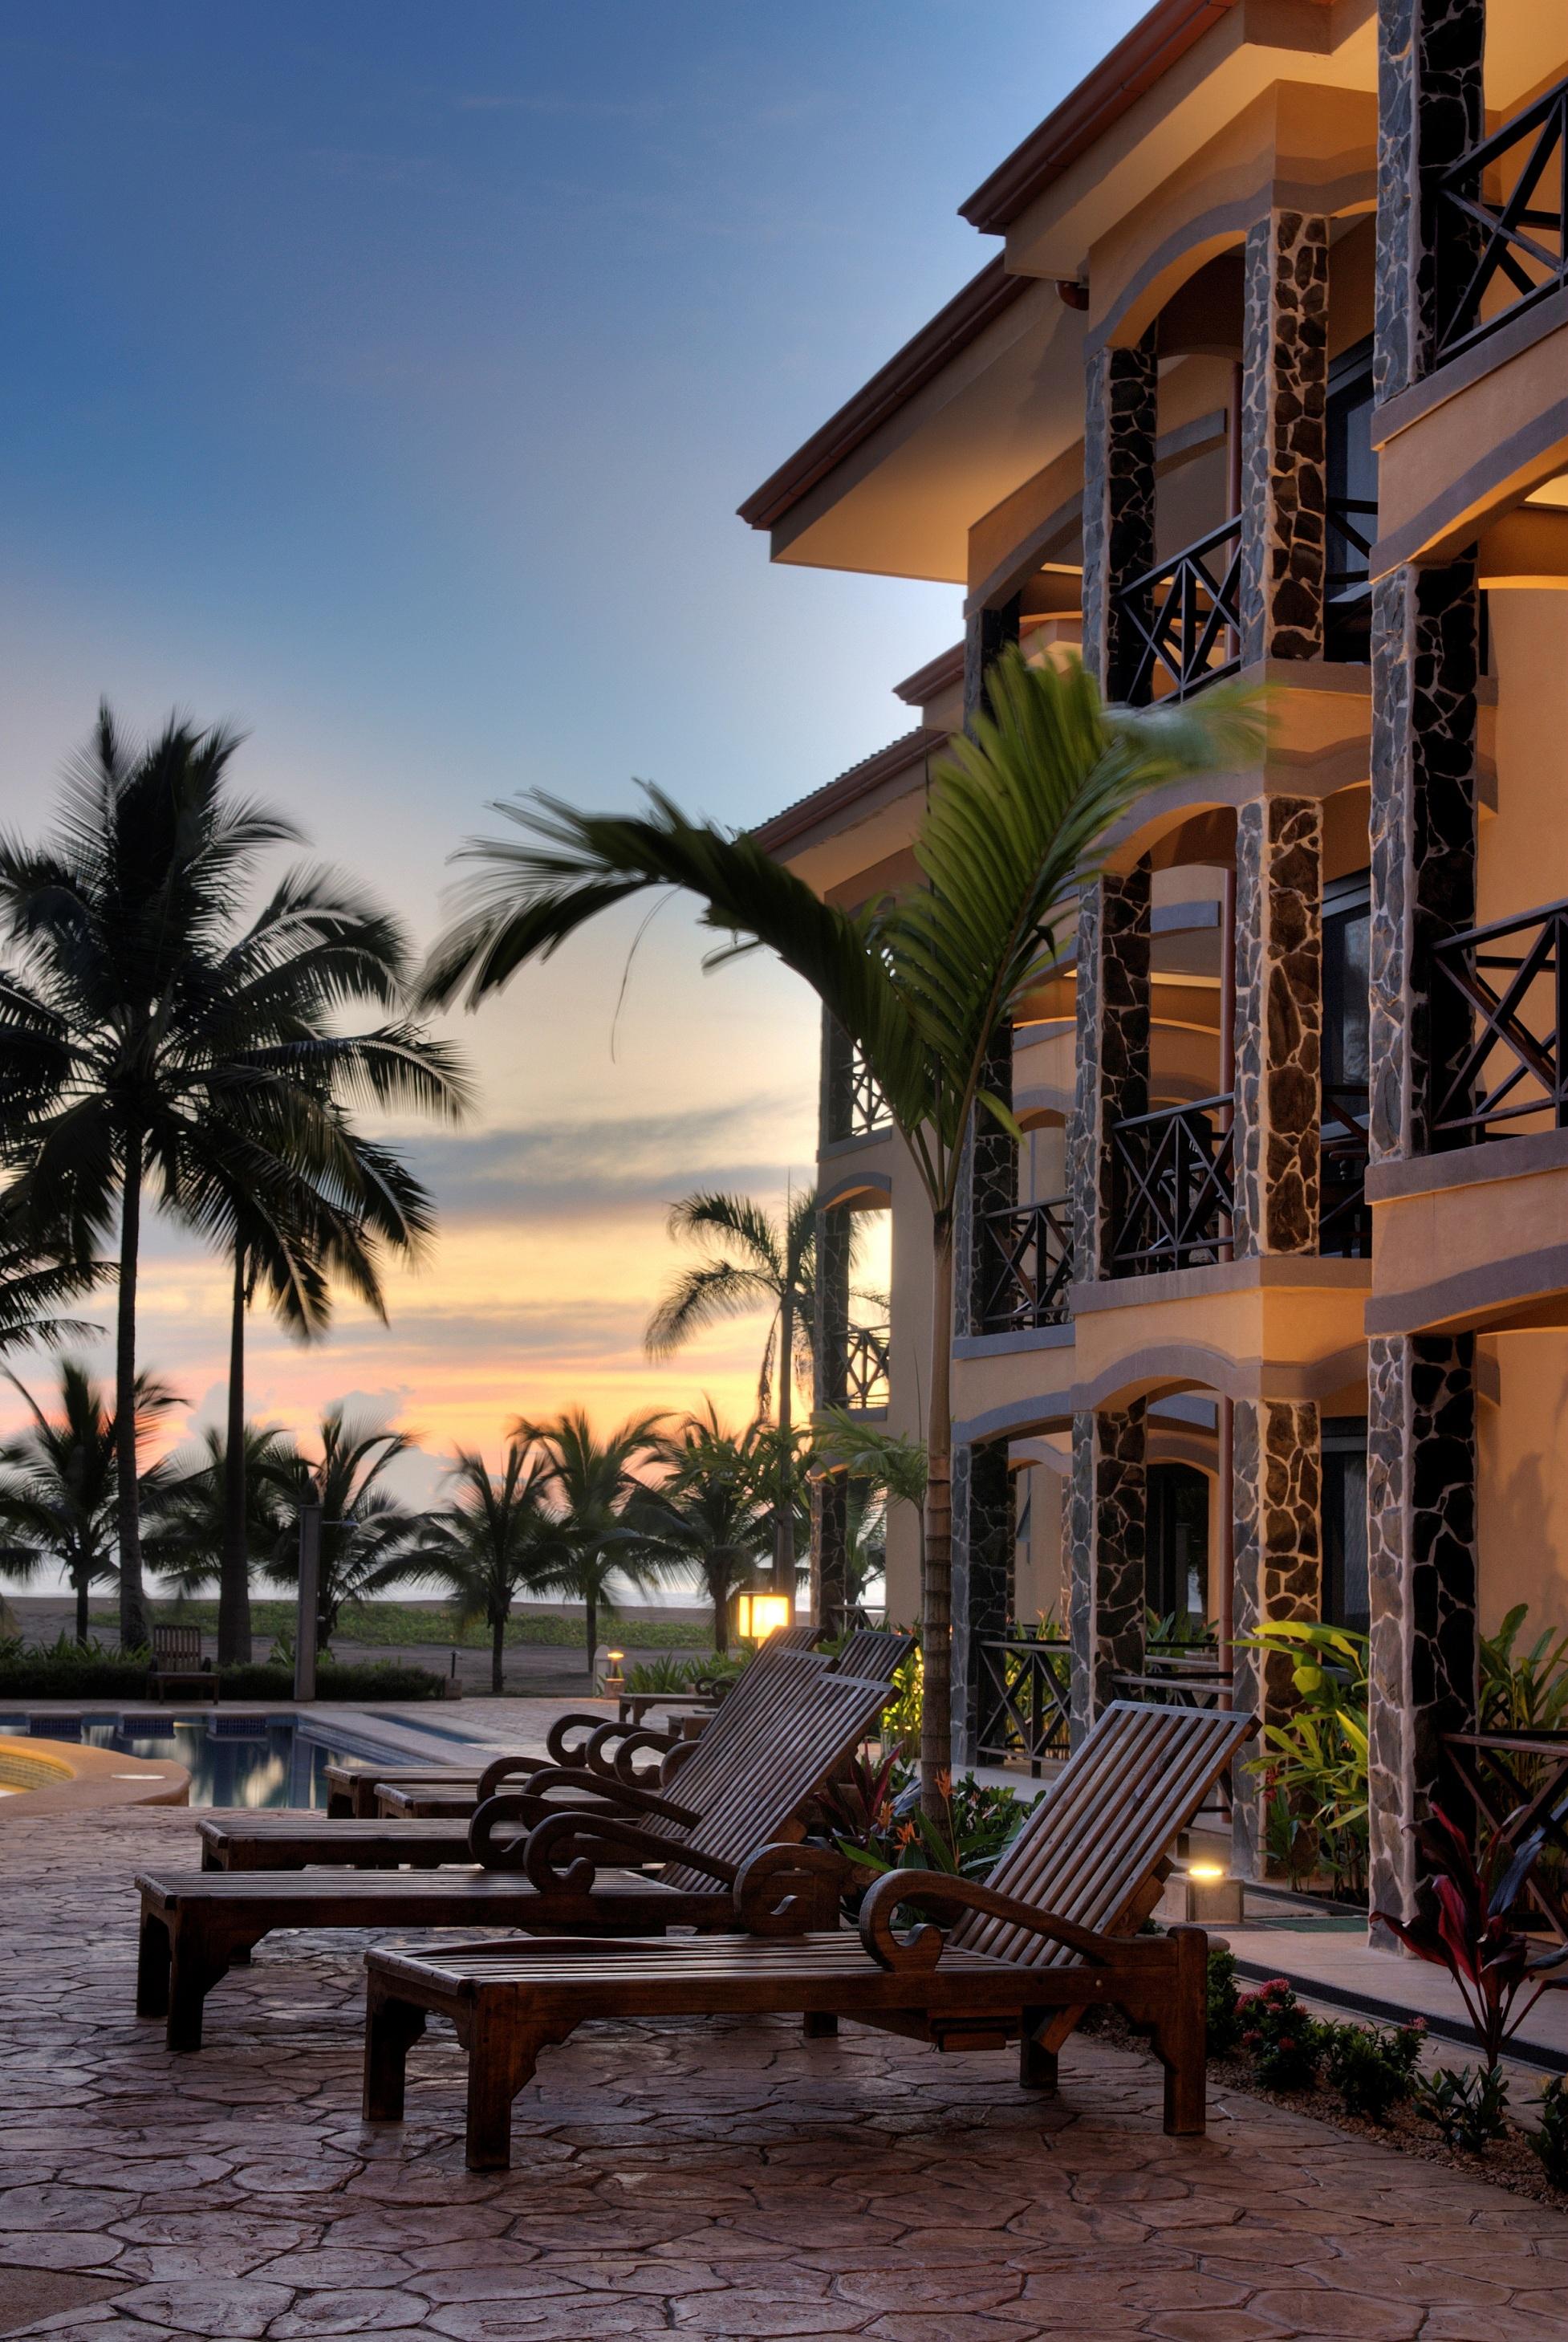 costa rica real estate market 2015 1